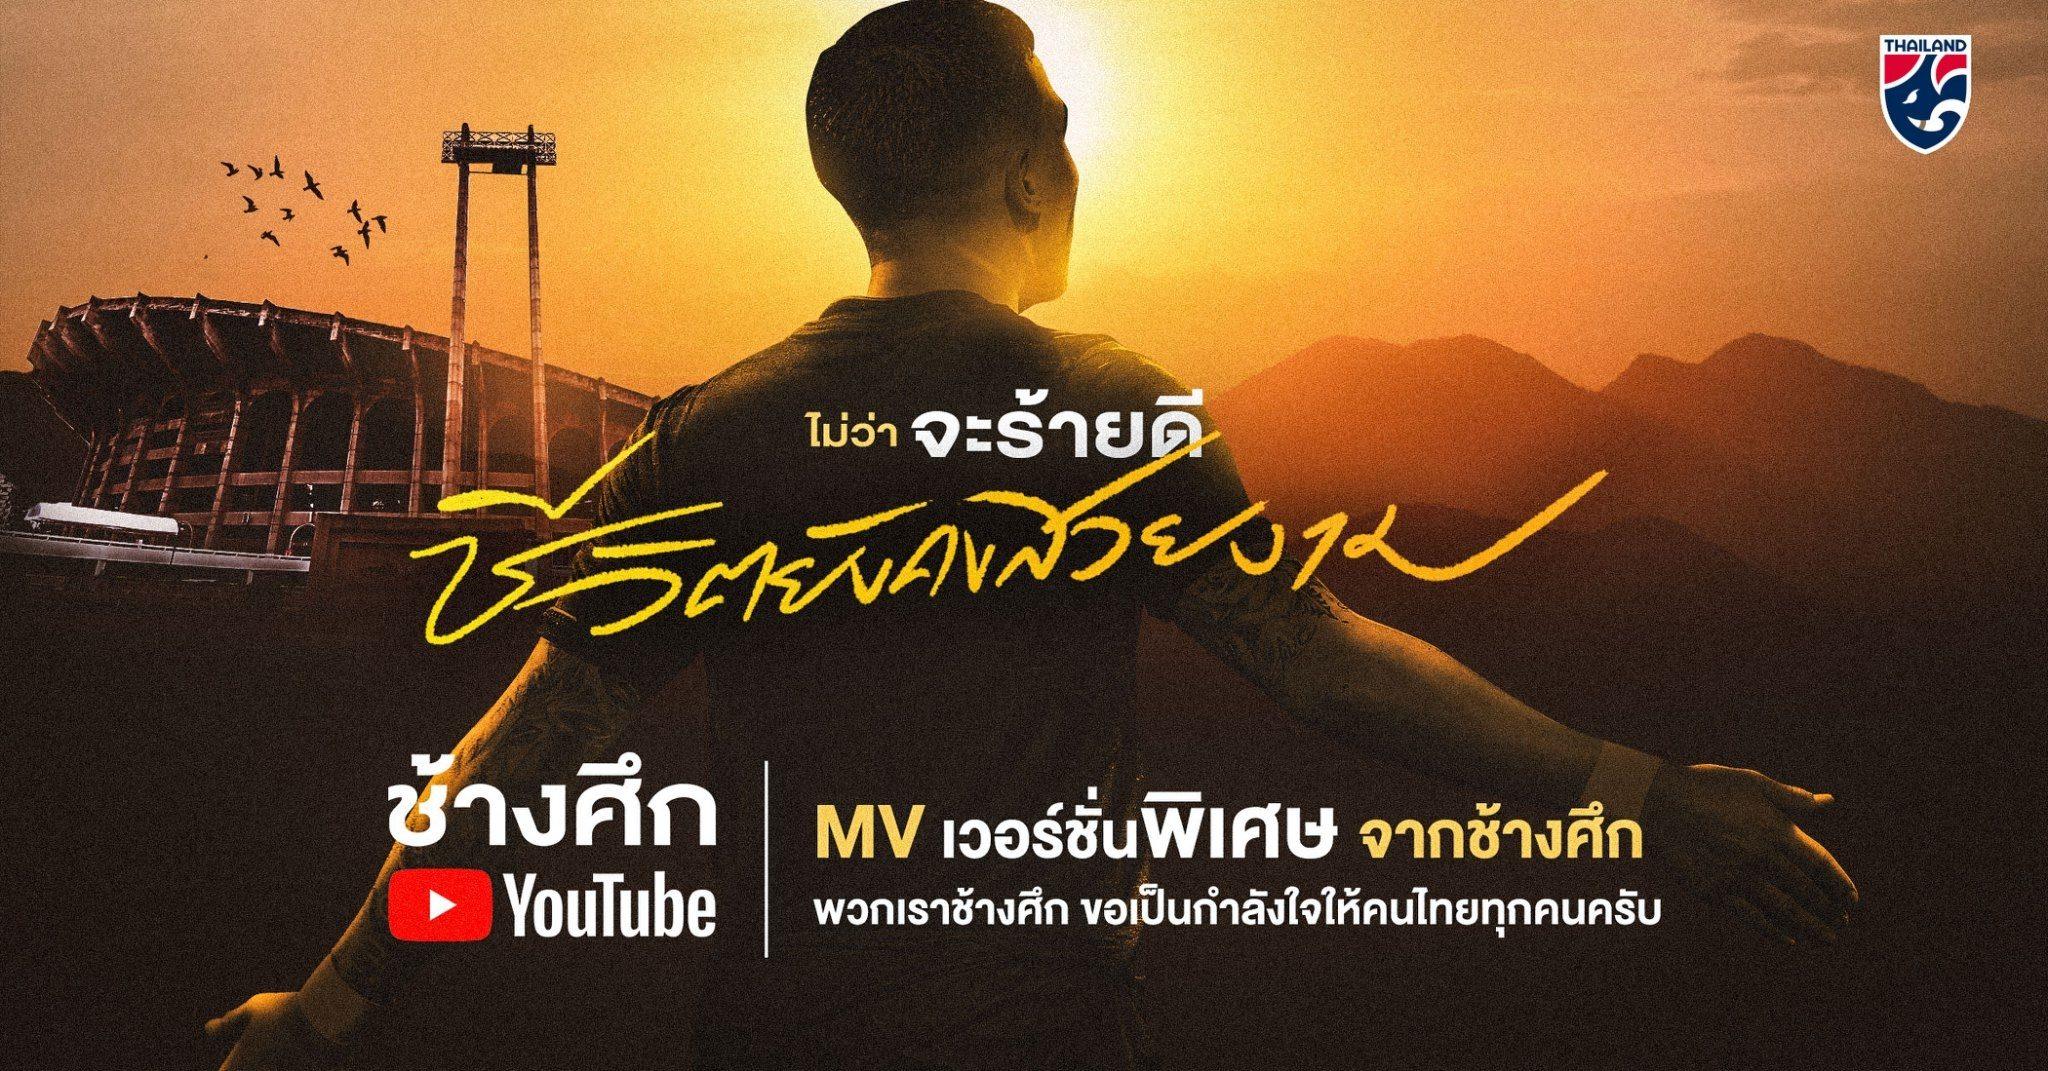 'ช้างศึก' ปล่อยเอ็มวีพิเศษ 'ชีวิตยังคงสวยงาม' ร่วมให้กำลังใจคนไทย พร้อมปลุกกระแสฟุตบอลอีกครั้ง